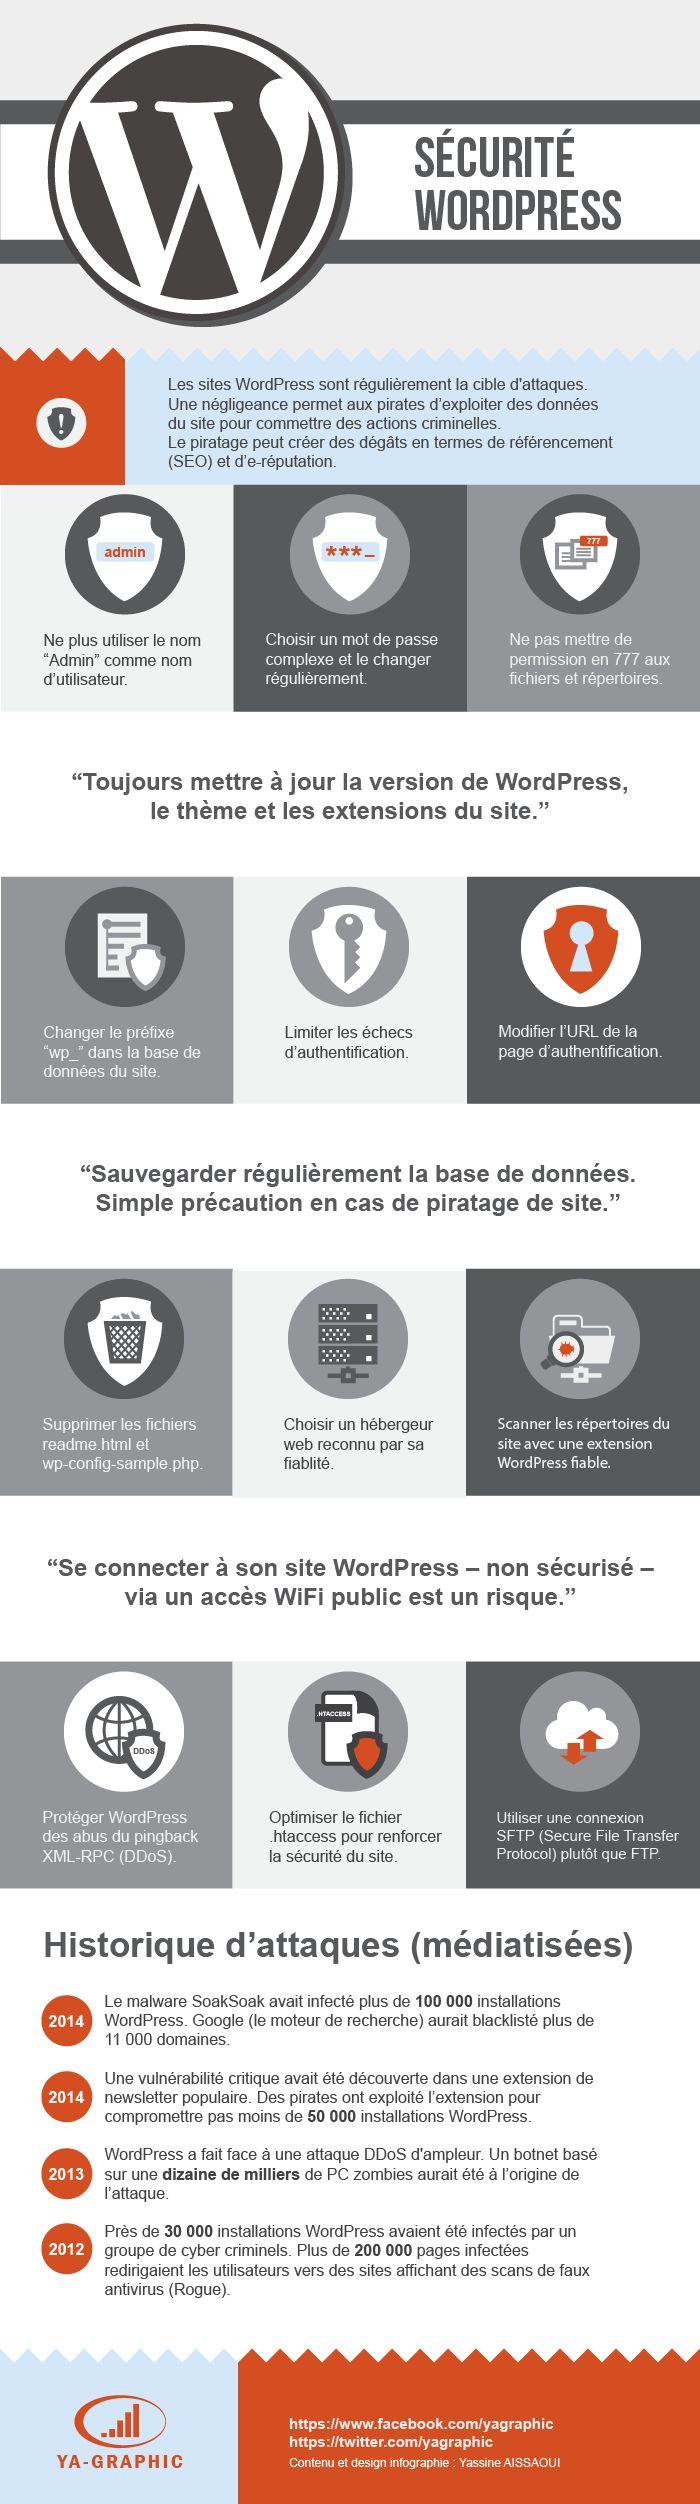 Quand on gère un site WordPress la sécurité est une obligation. Cette infographie présente une série de points à voir ou à revoir sur une installation.